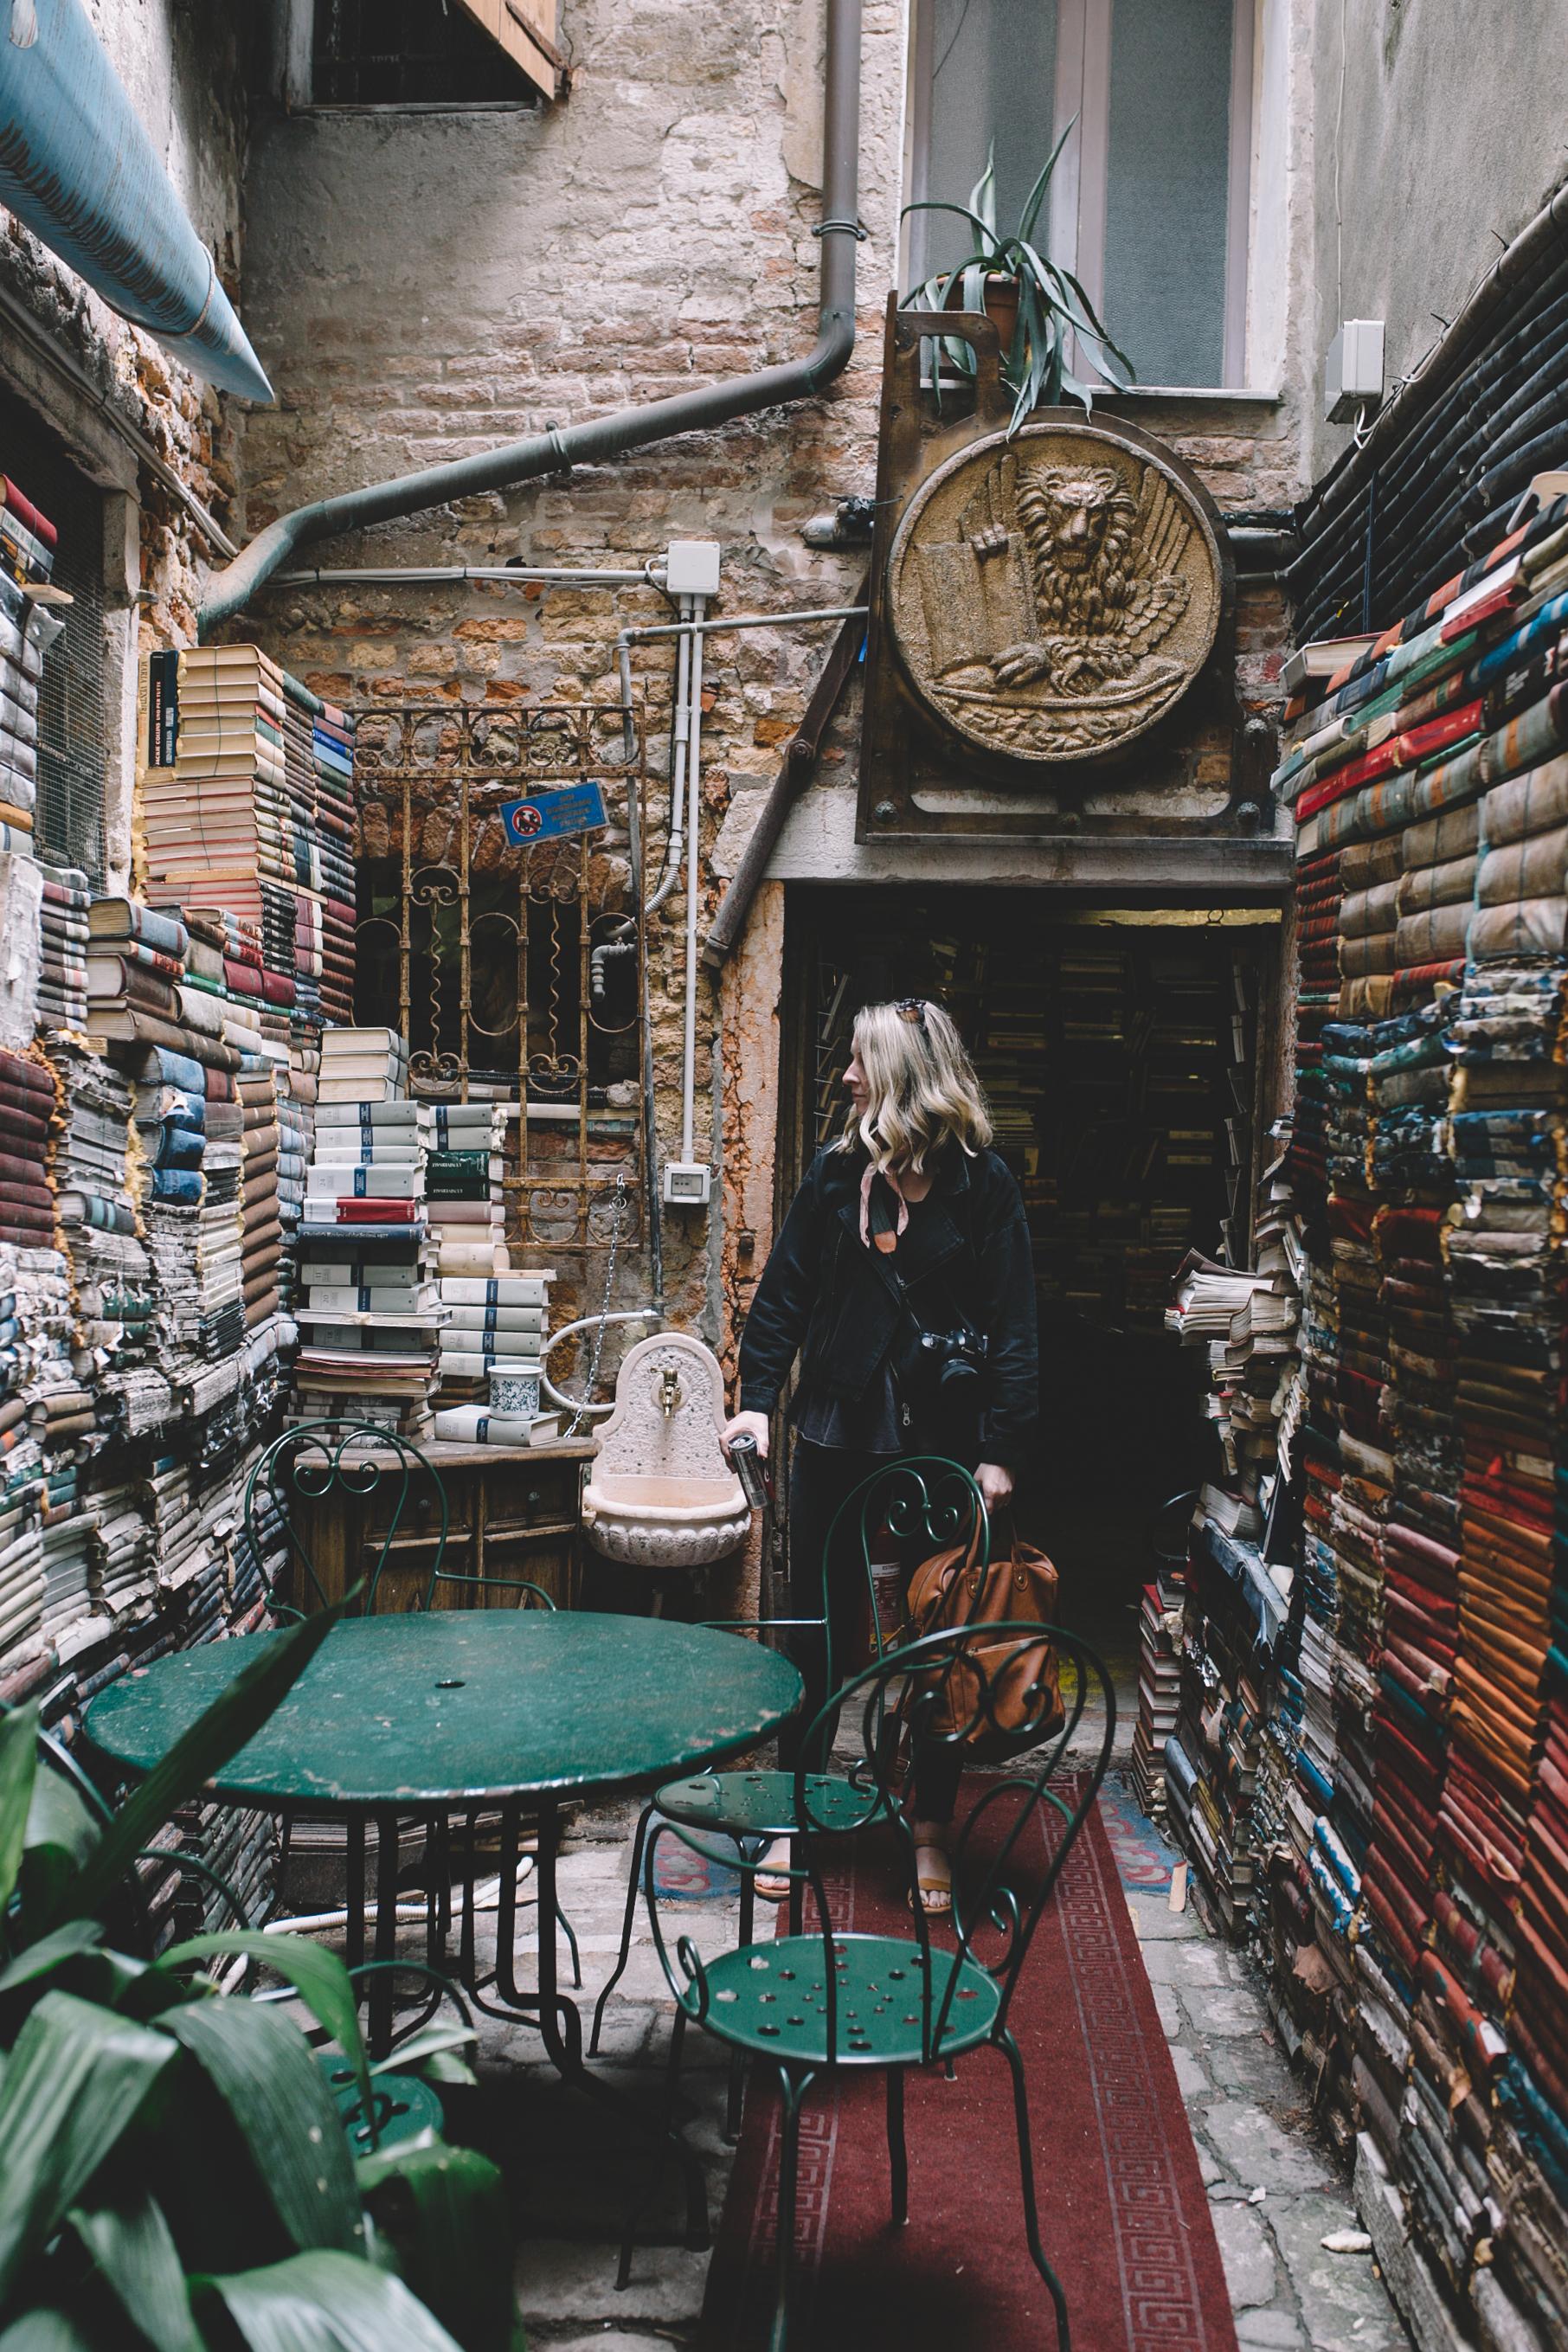 Blog Venice Italy Libreria Acqua Alta (6 of 10).jpg